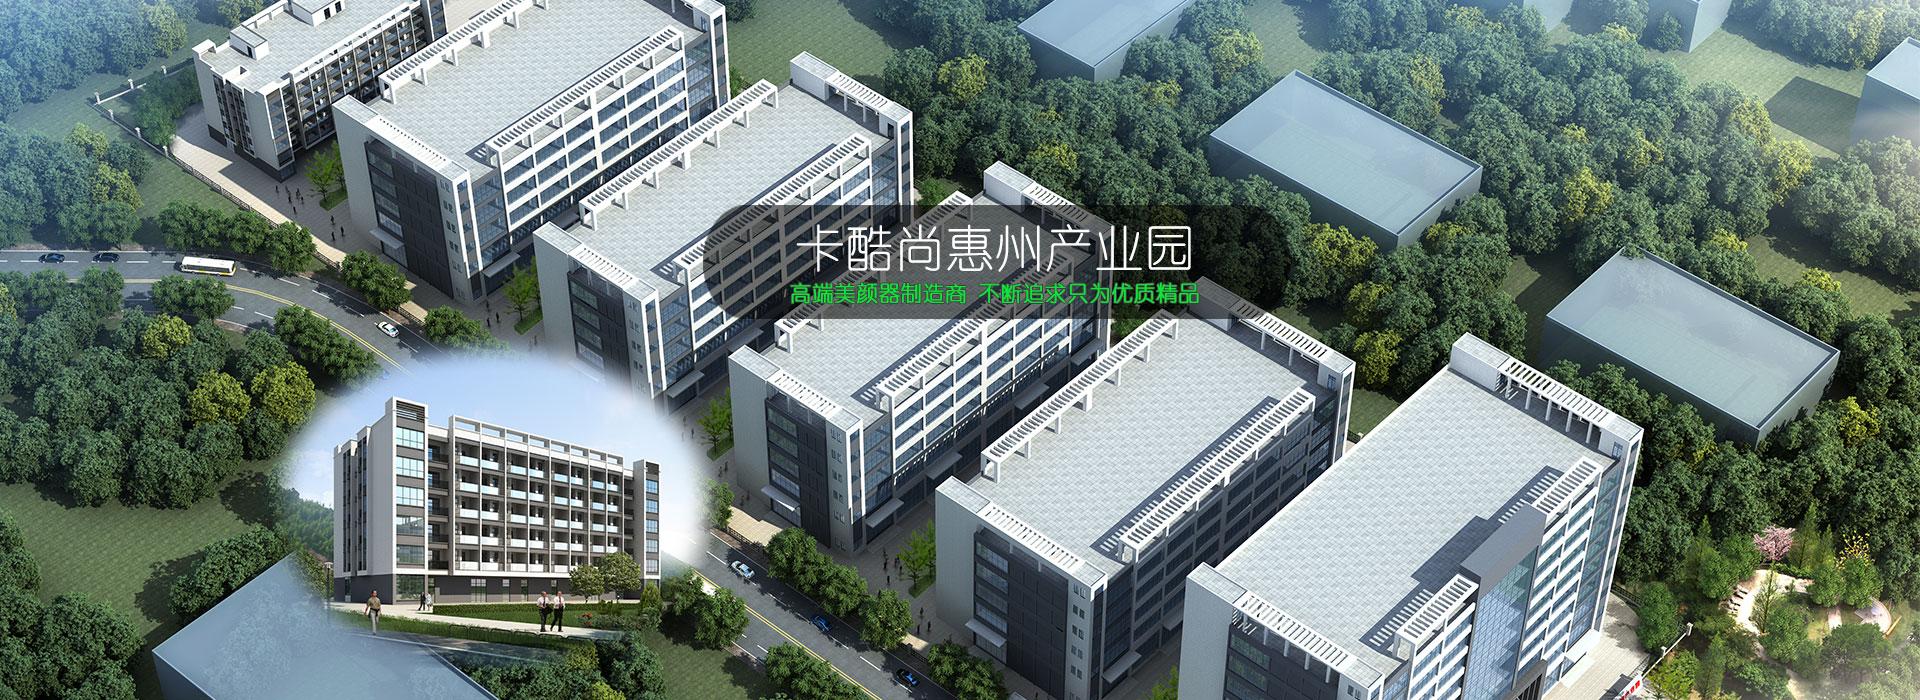 卡酷尚惠州产业园